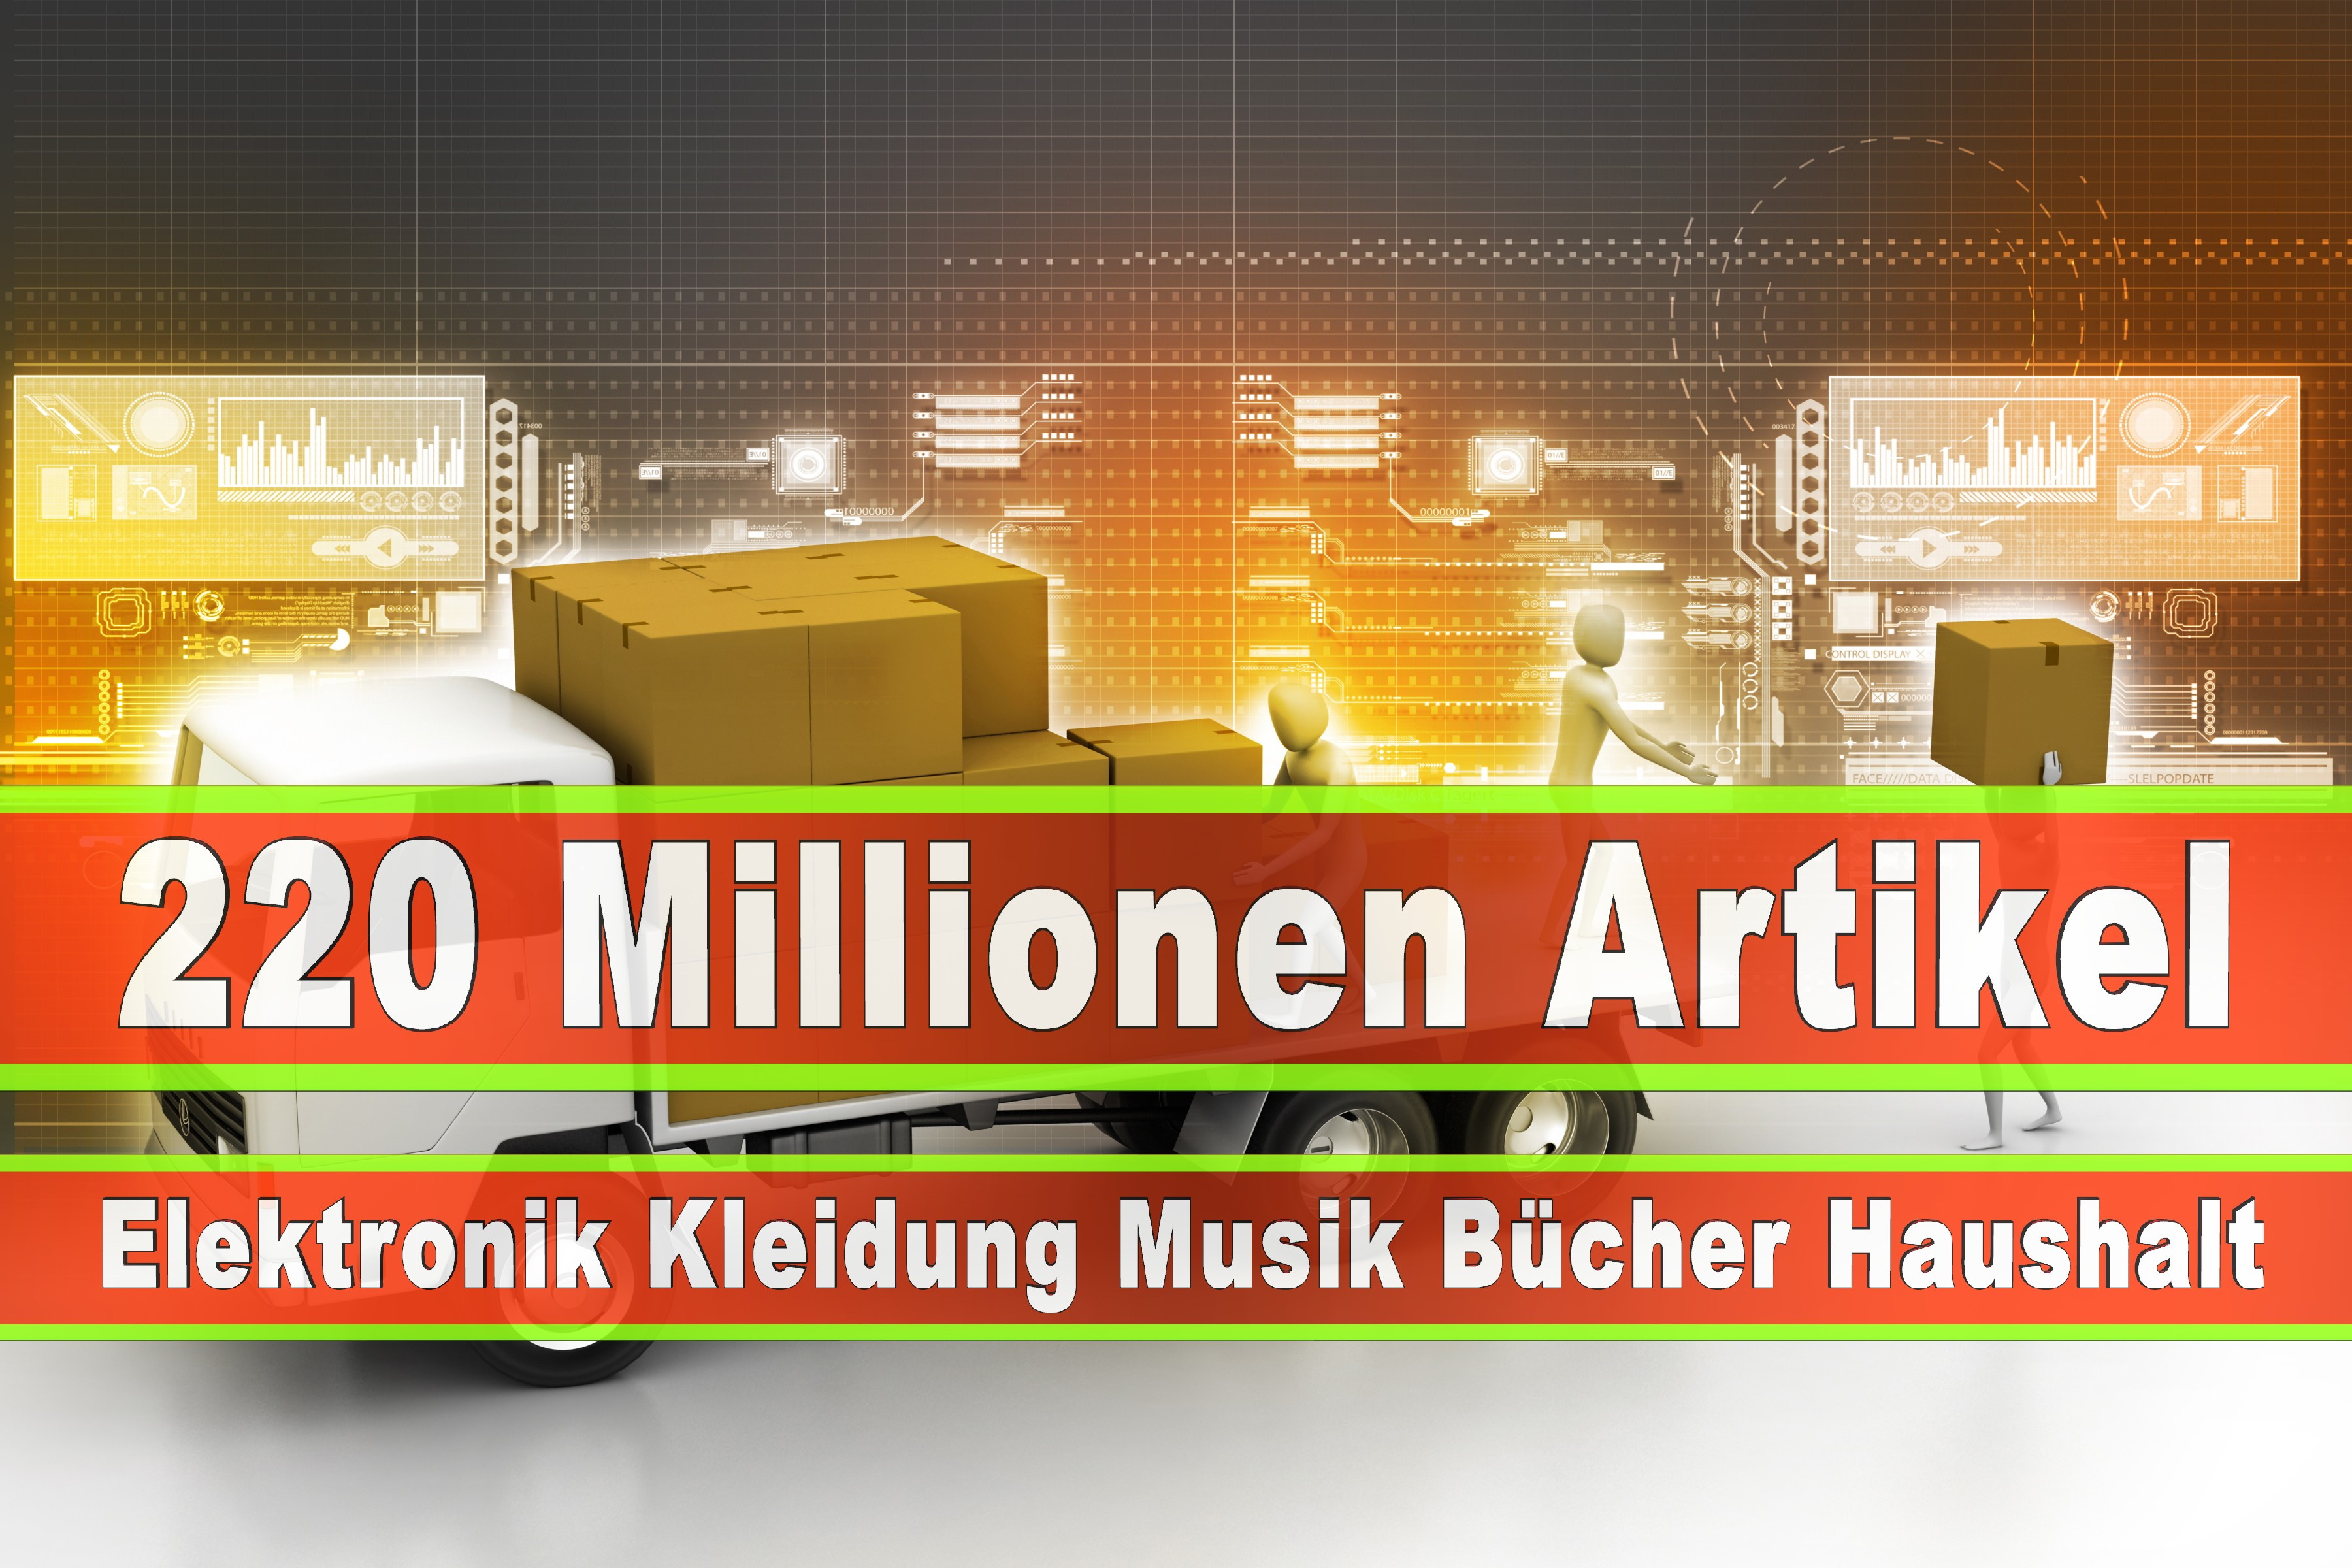 Amazon Elektronik Musik Haushalt Bücher CD DVD Handys Smartphones TV Television Fernseher Kleidung Mode Ebay (11)